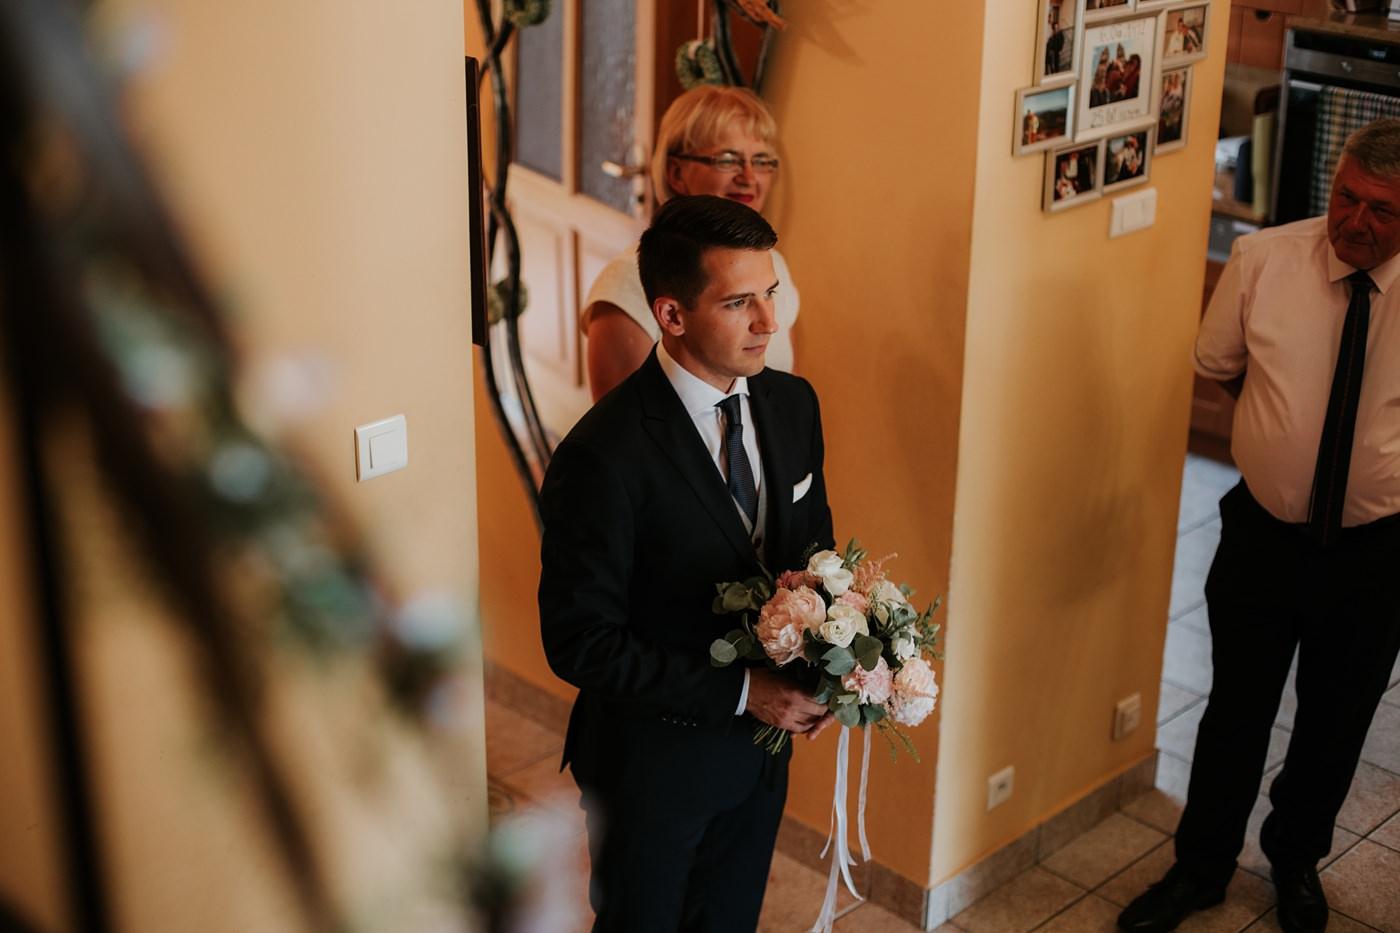 Dominika & Aleksander - Rustykalne wesele w stodole - Baborówko 19